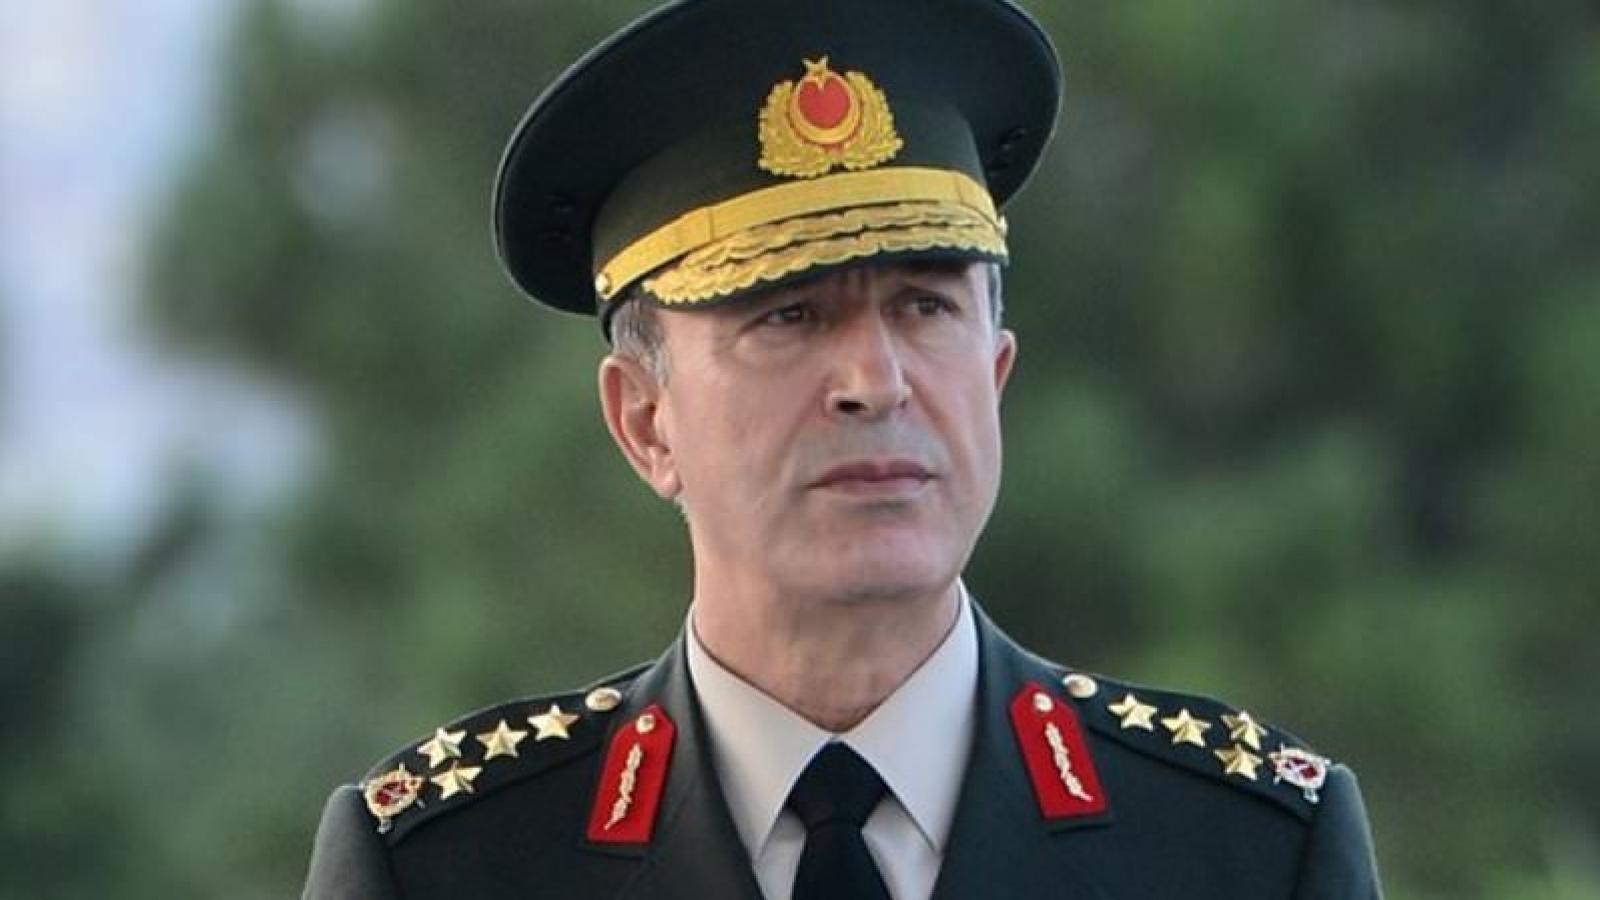 Thổ Nhĩ Kỳ cảnh báo nguy cơ từ việc hình thành các liên minh quân sự ngoài NATO